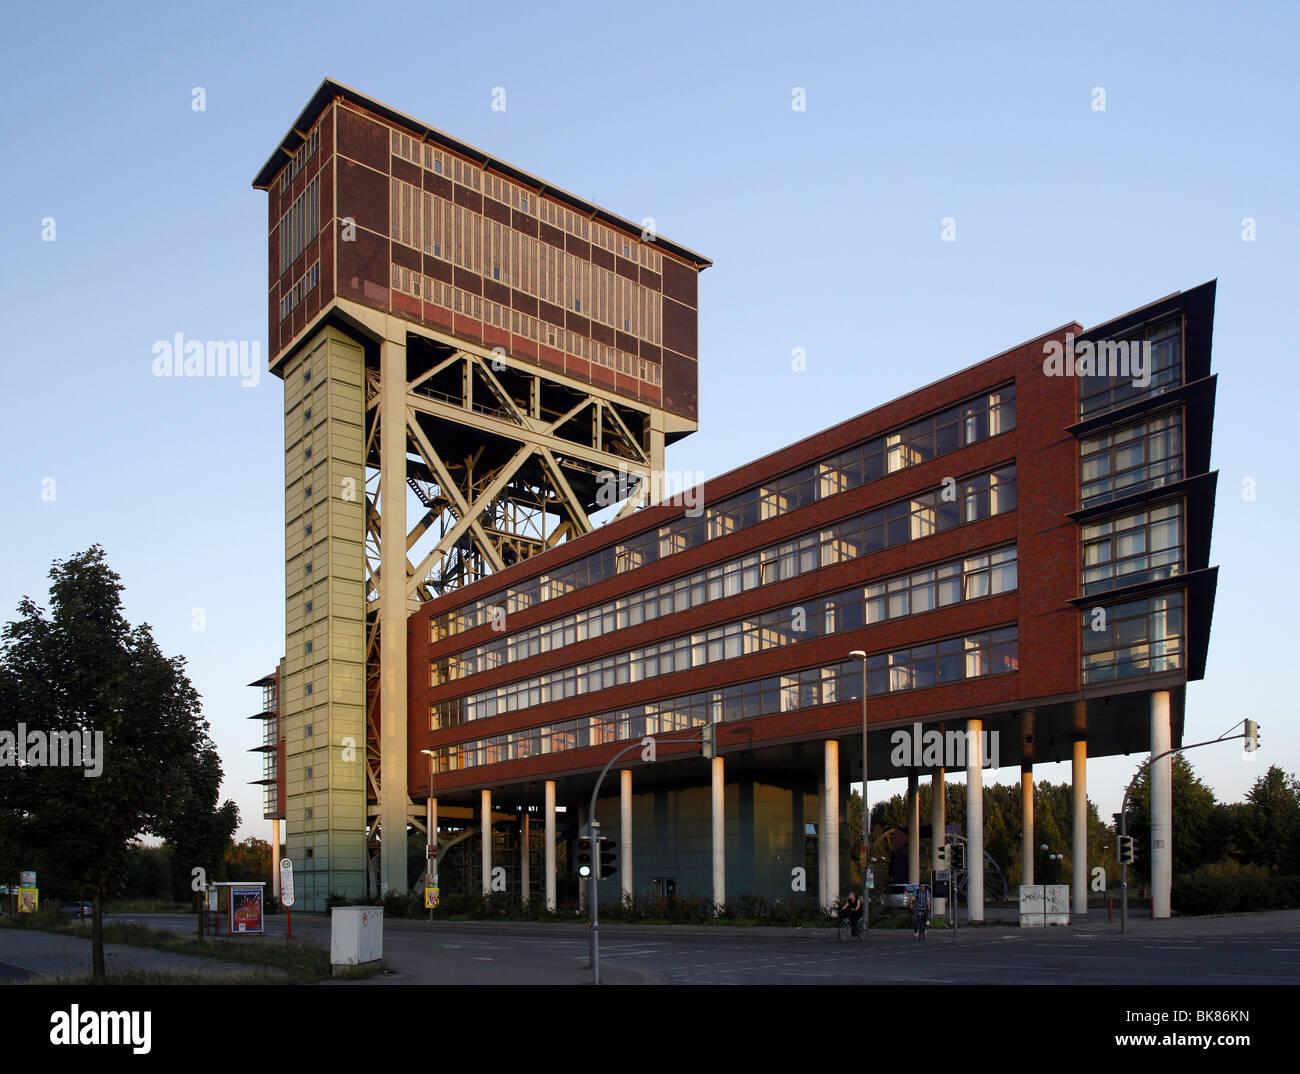 Hammerhai-Turm der ehemaligen Zeche Minister Stein mir, heute Bürogebäude und Service center, Dortmund, Stockbild